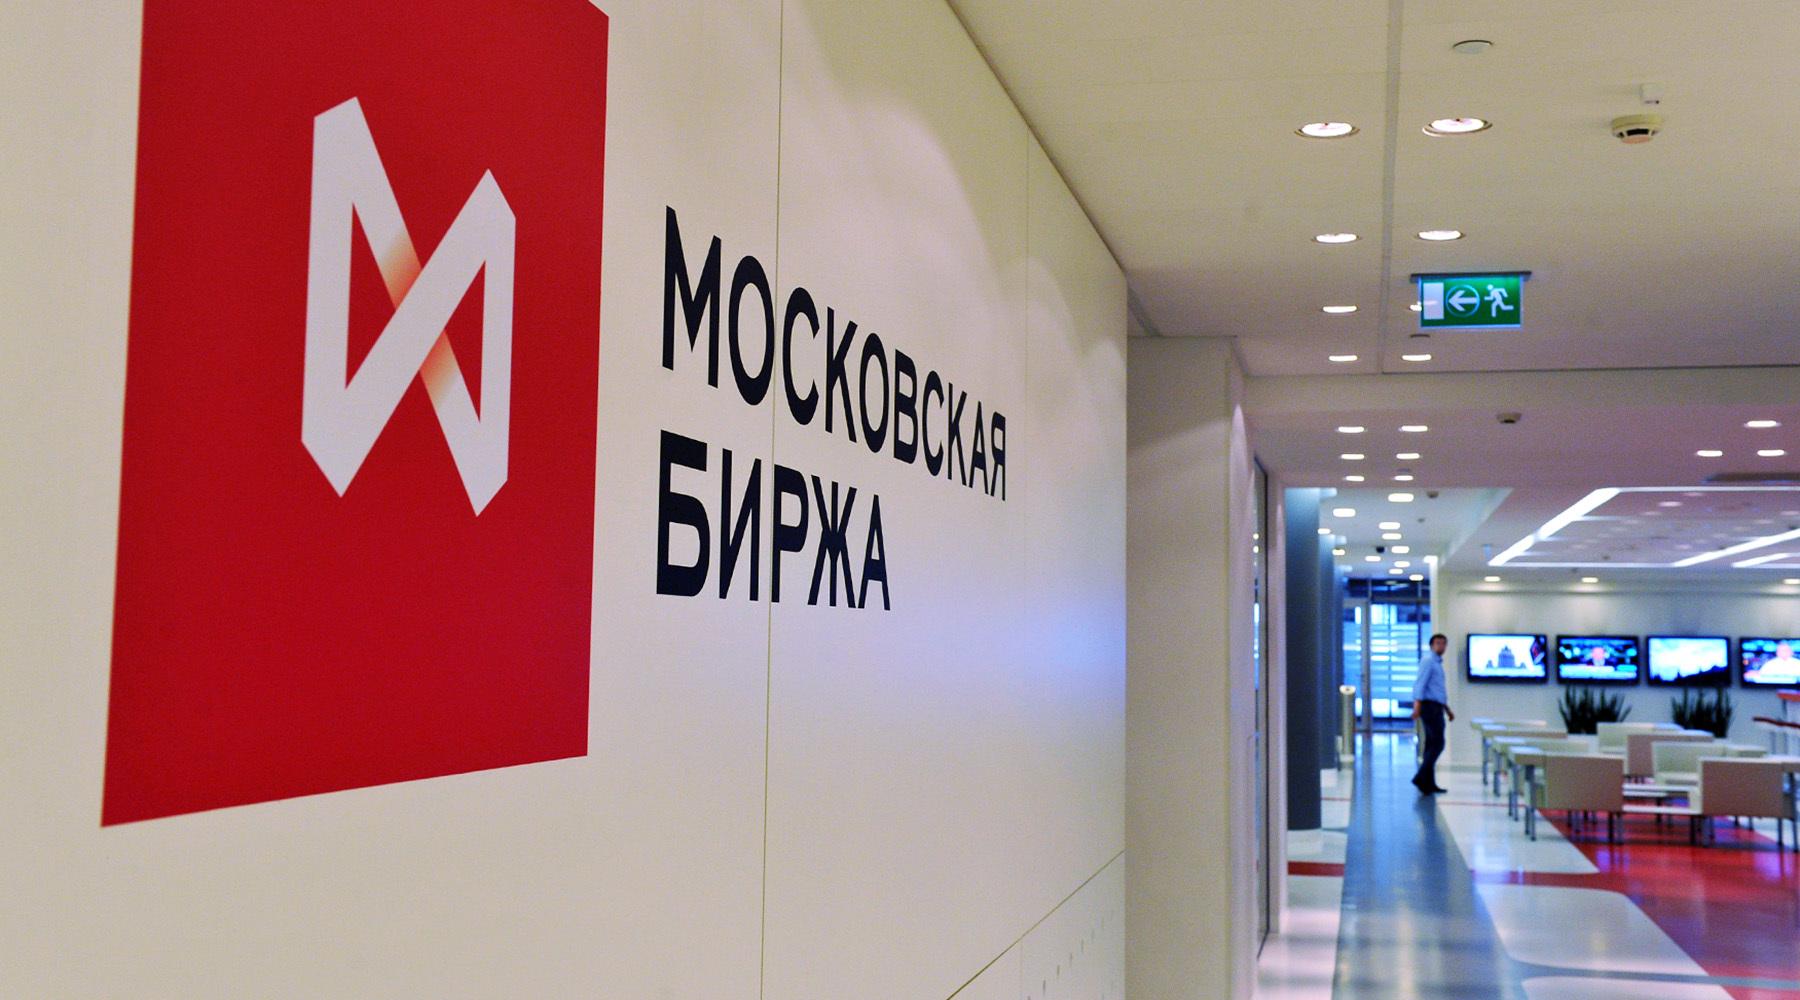 В рабочем ритме: что происходит с рублём и фондовым рынком России после январских праздников